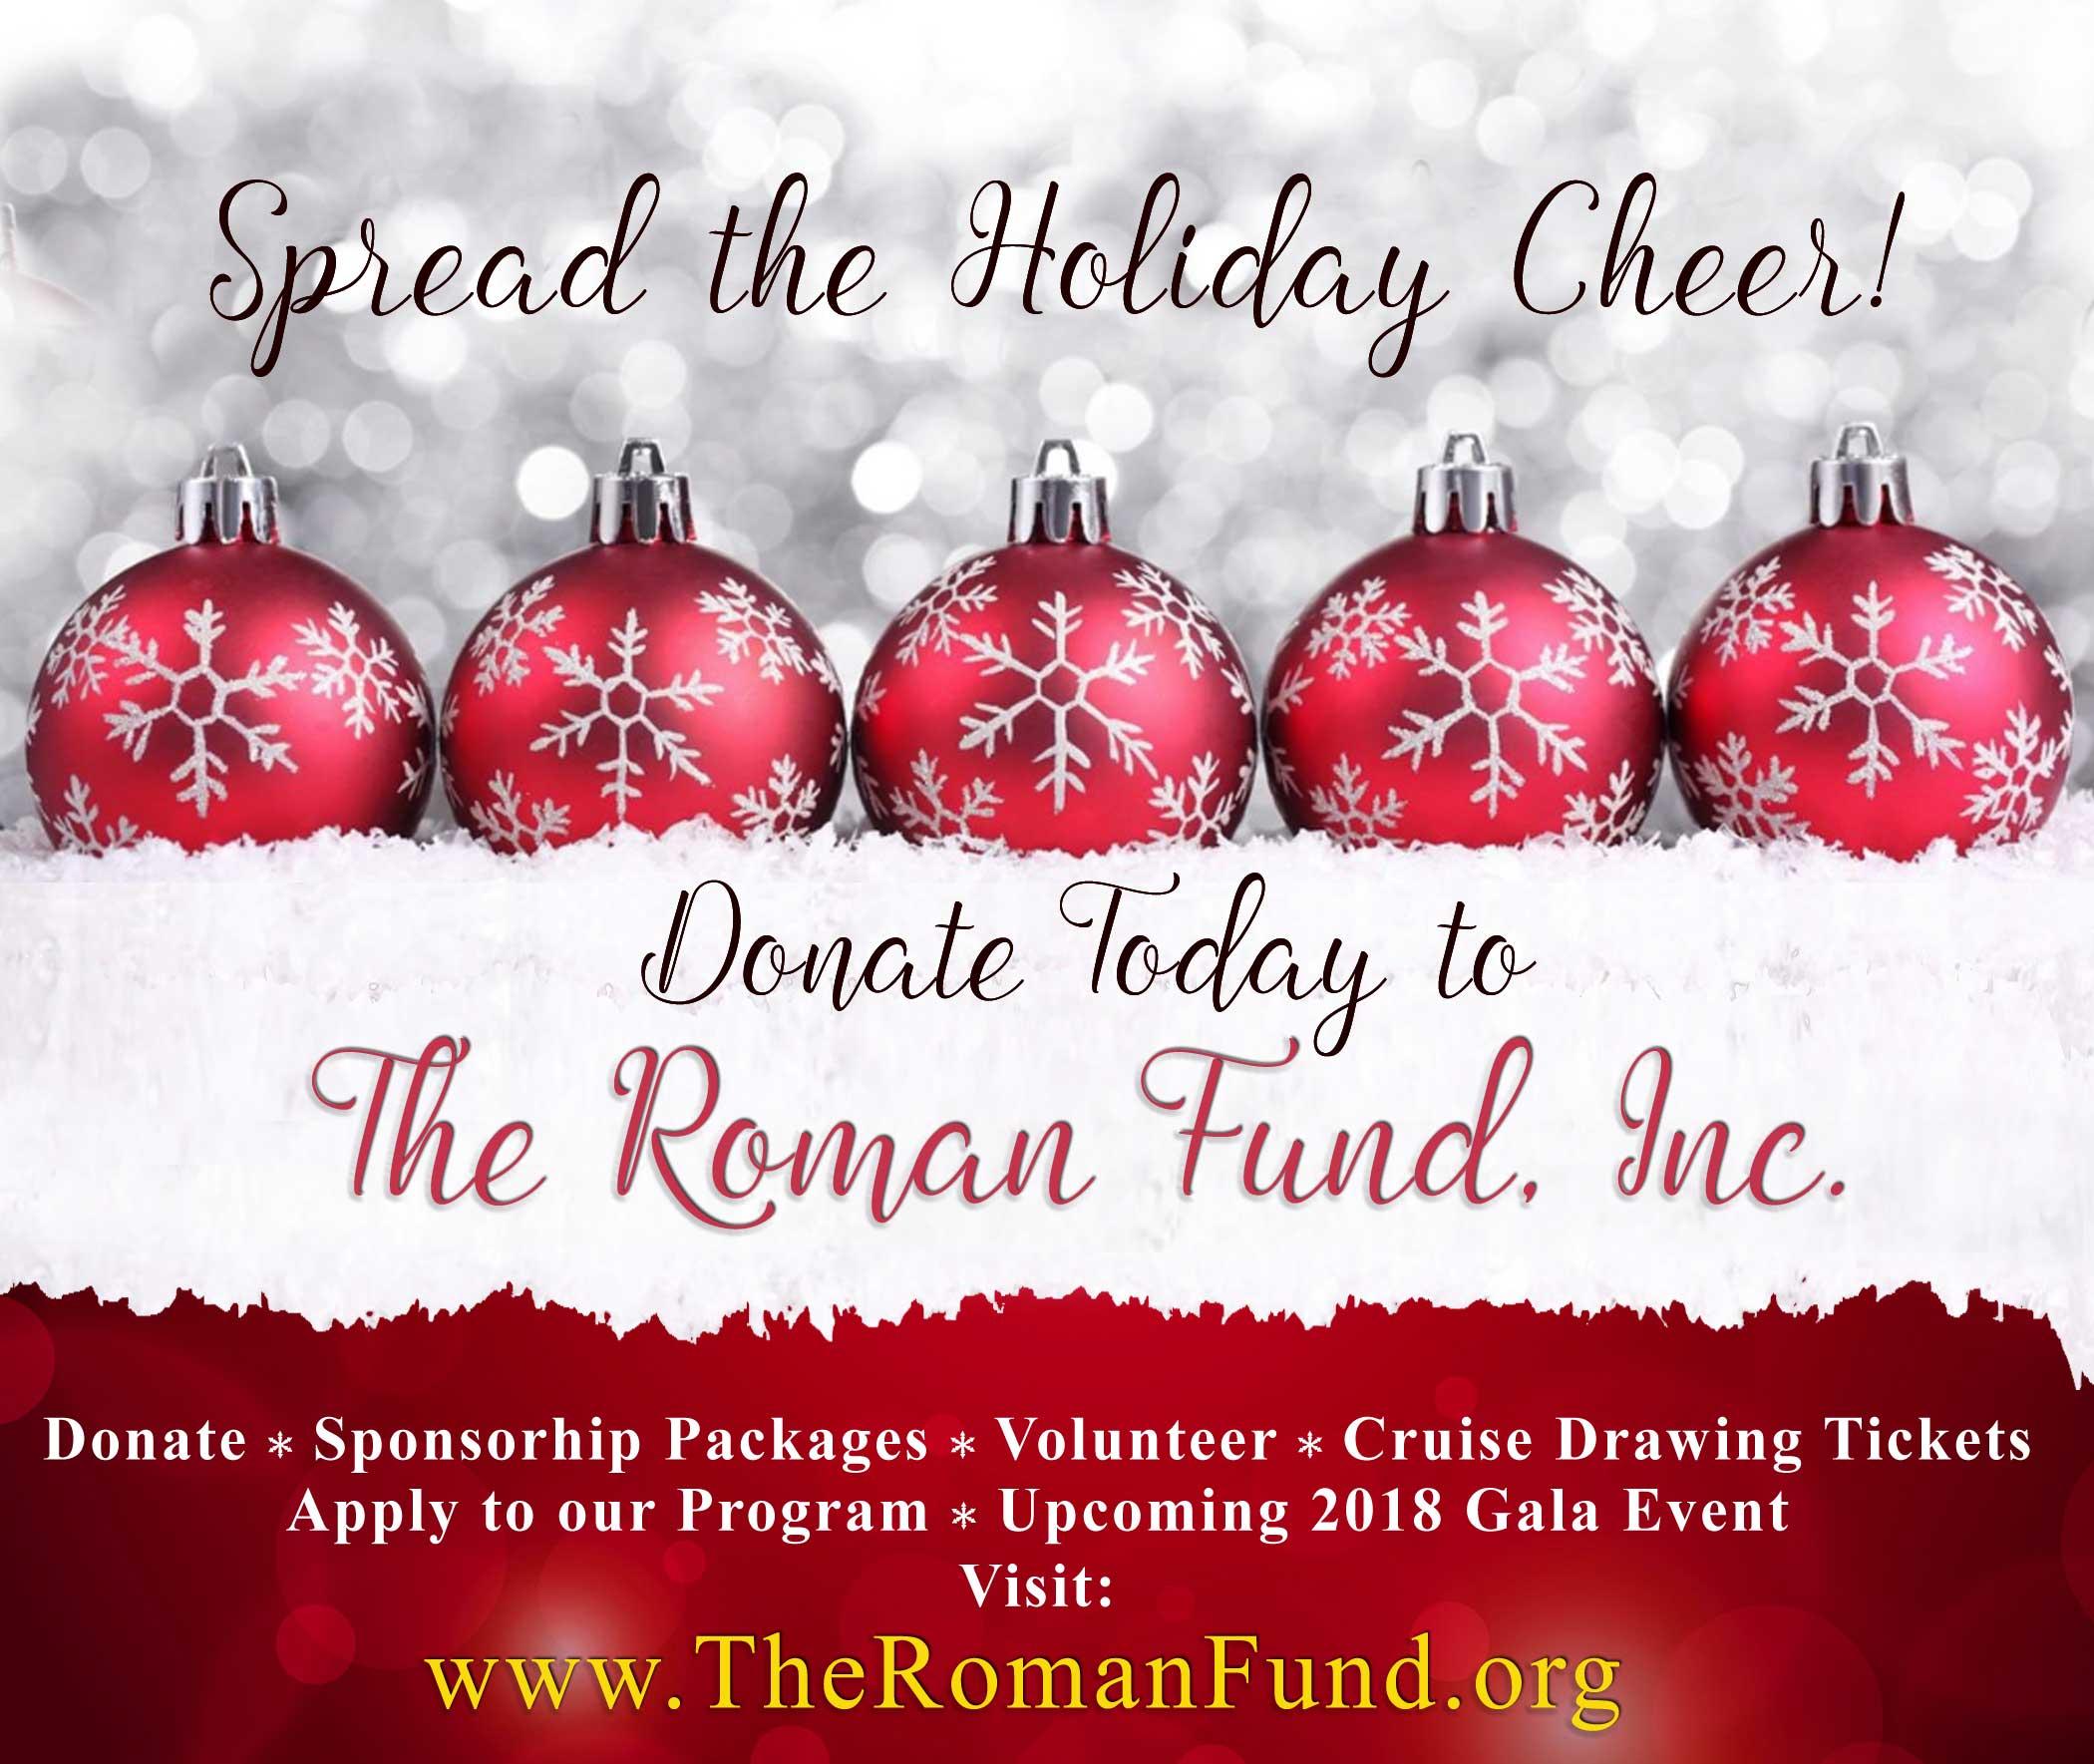 The Roman Fund